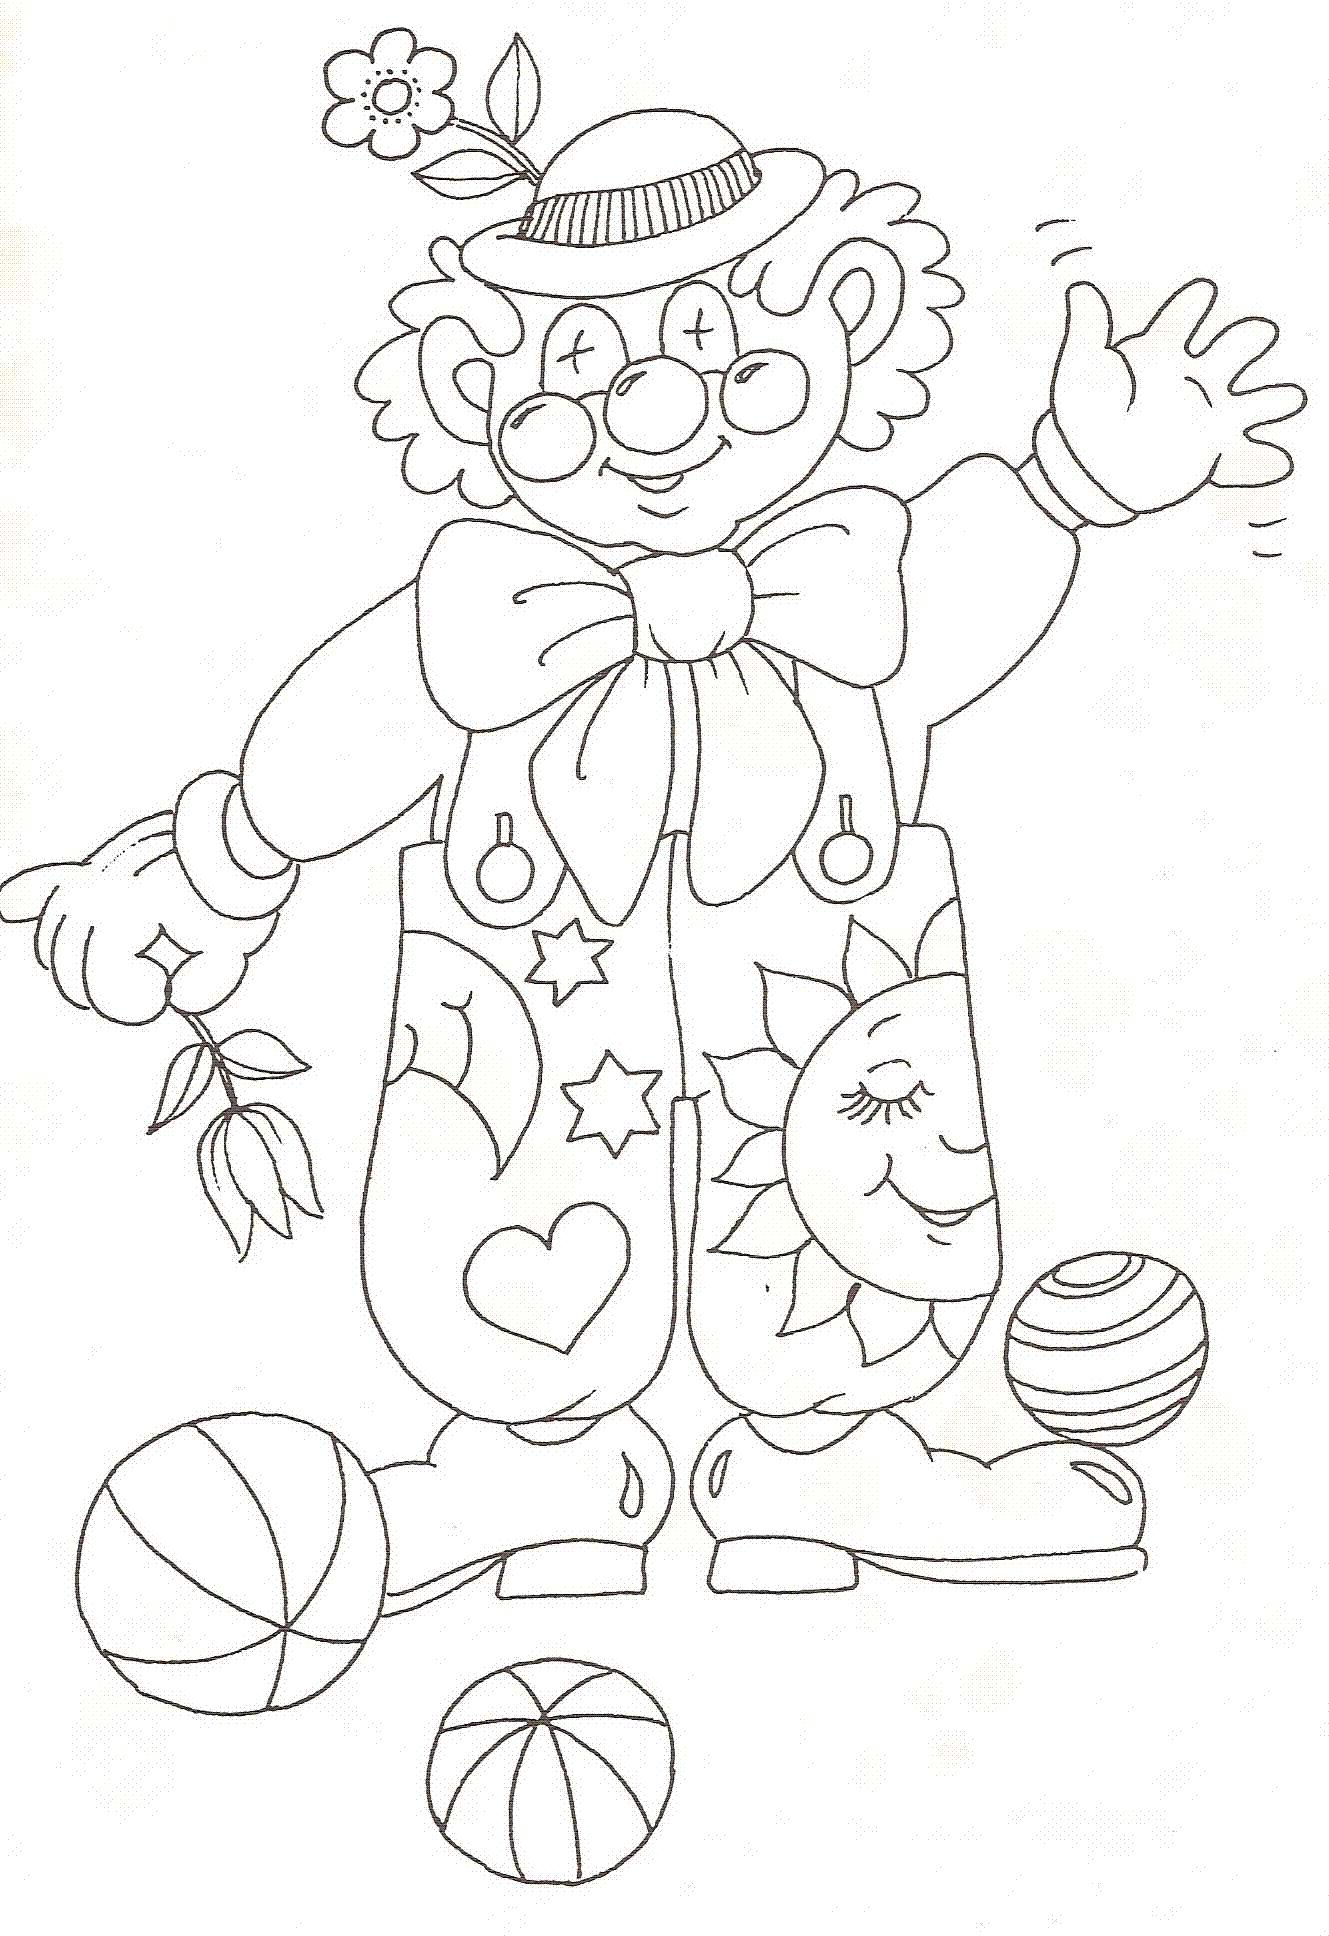 Coloriage gratuit clown recherche google cirque - Jeux de clown tueur gratuit ...